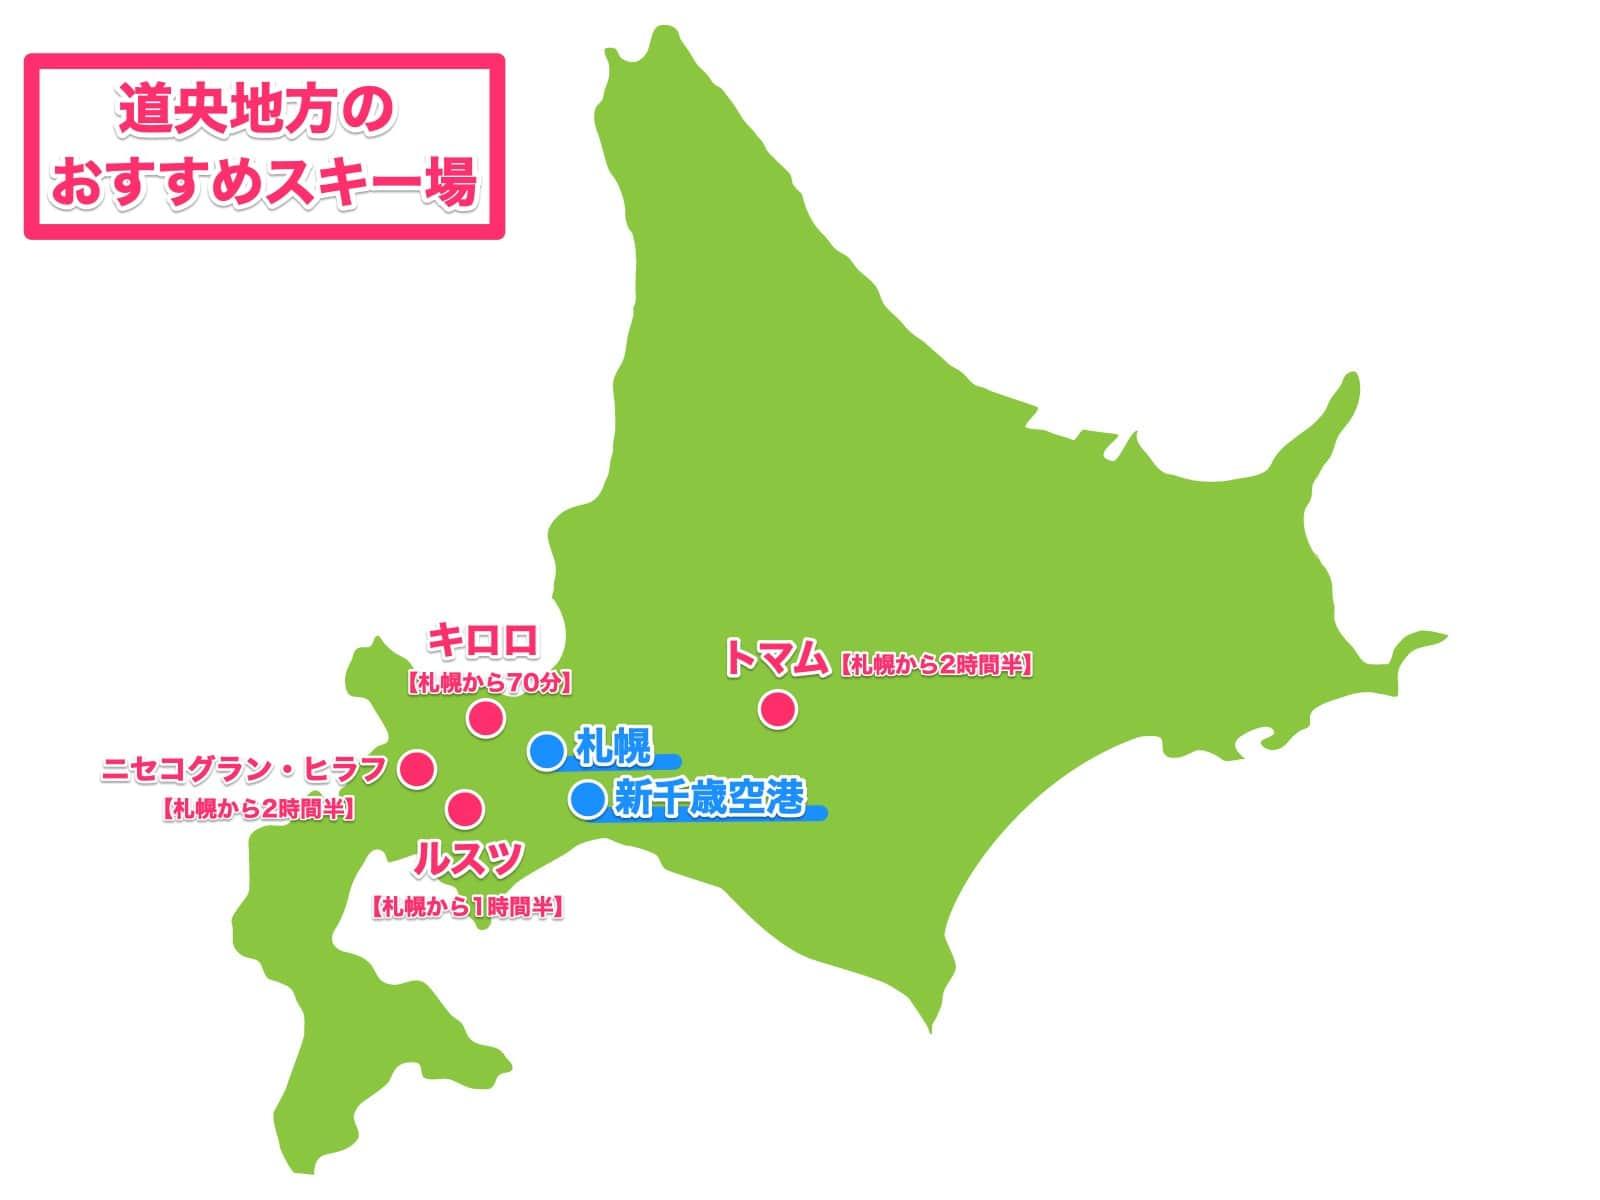 北海道道南地方のおすすめスキー場マップ